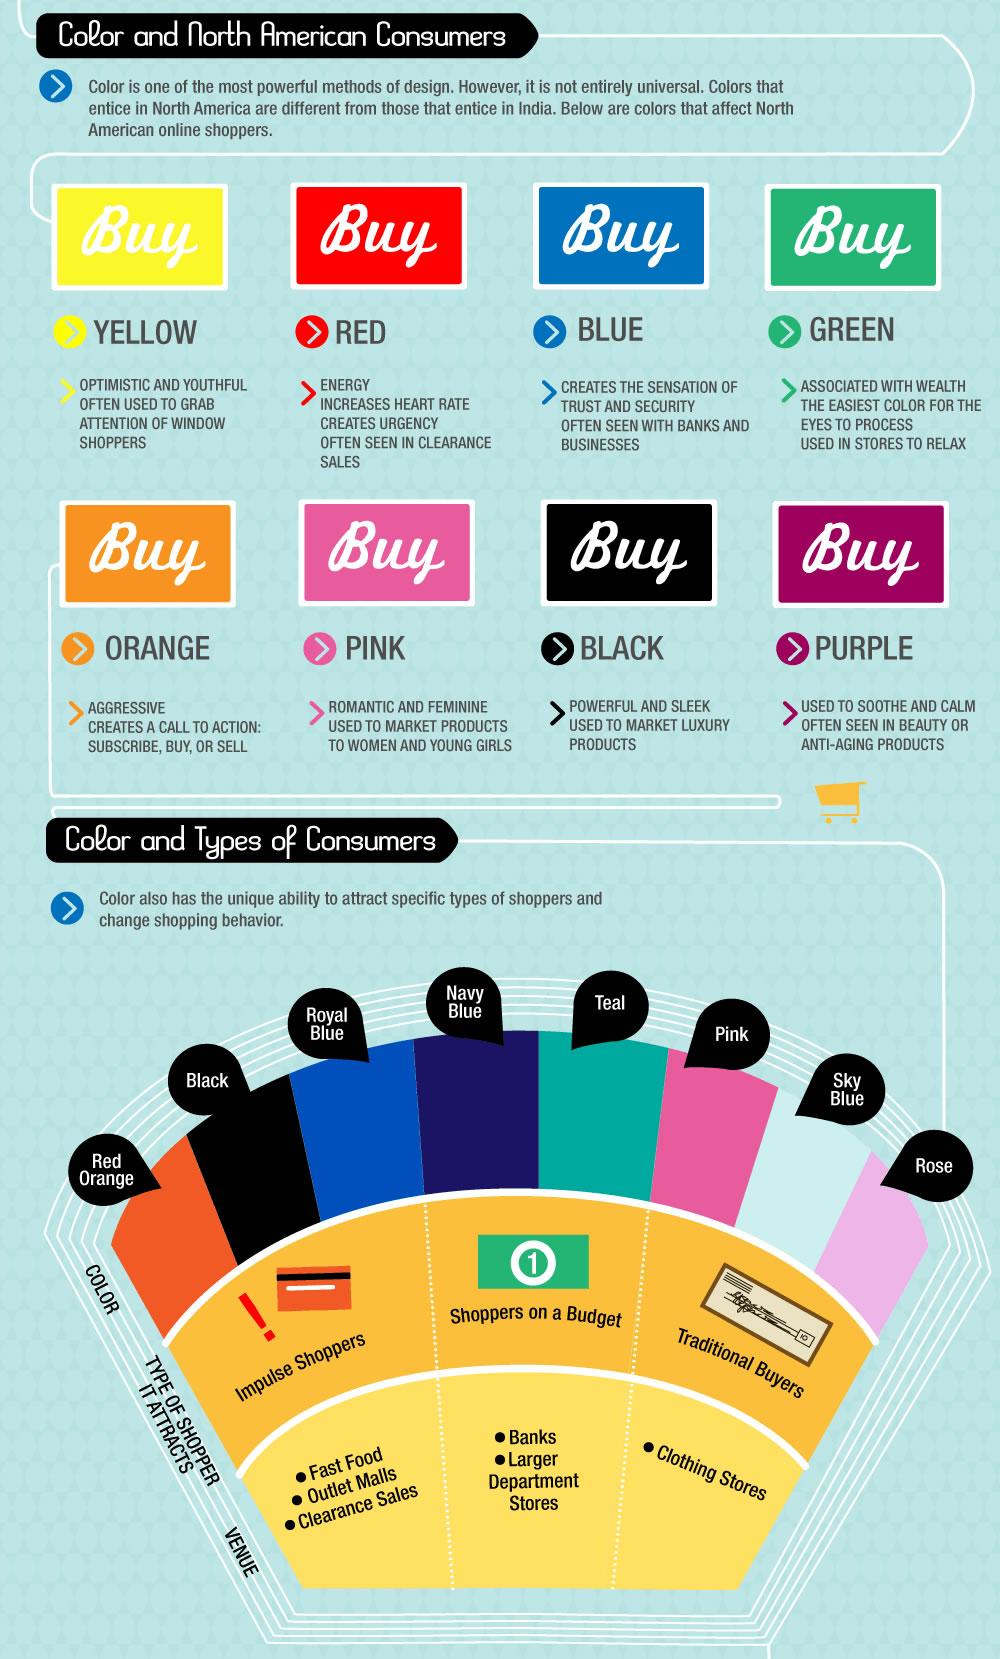 el color en las compras: colores en las llamadas a la acción